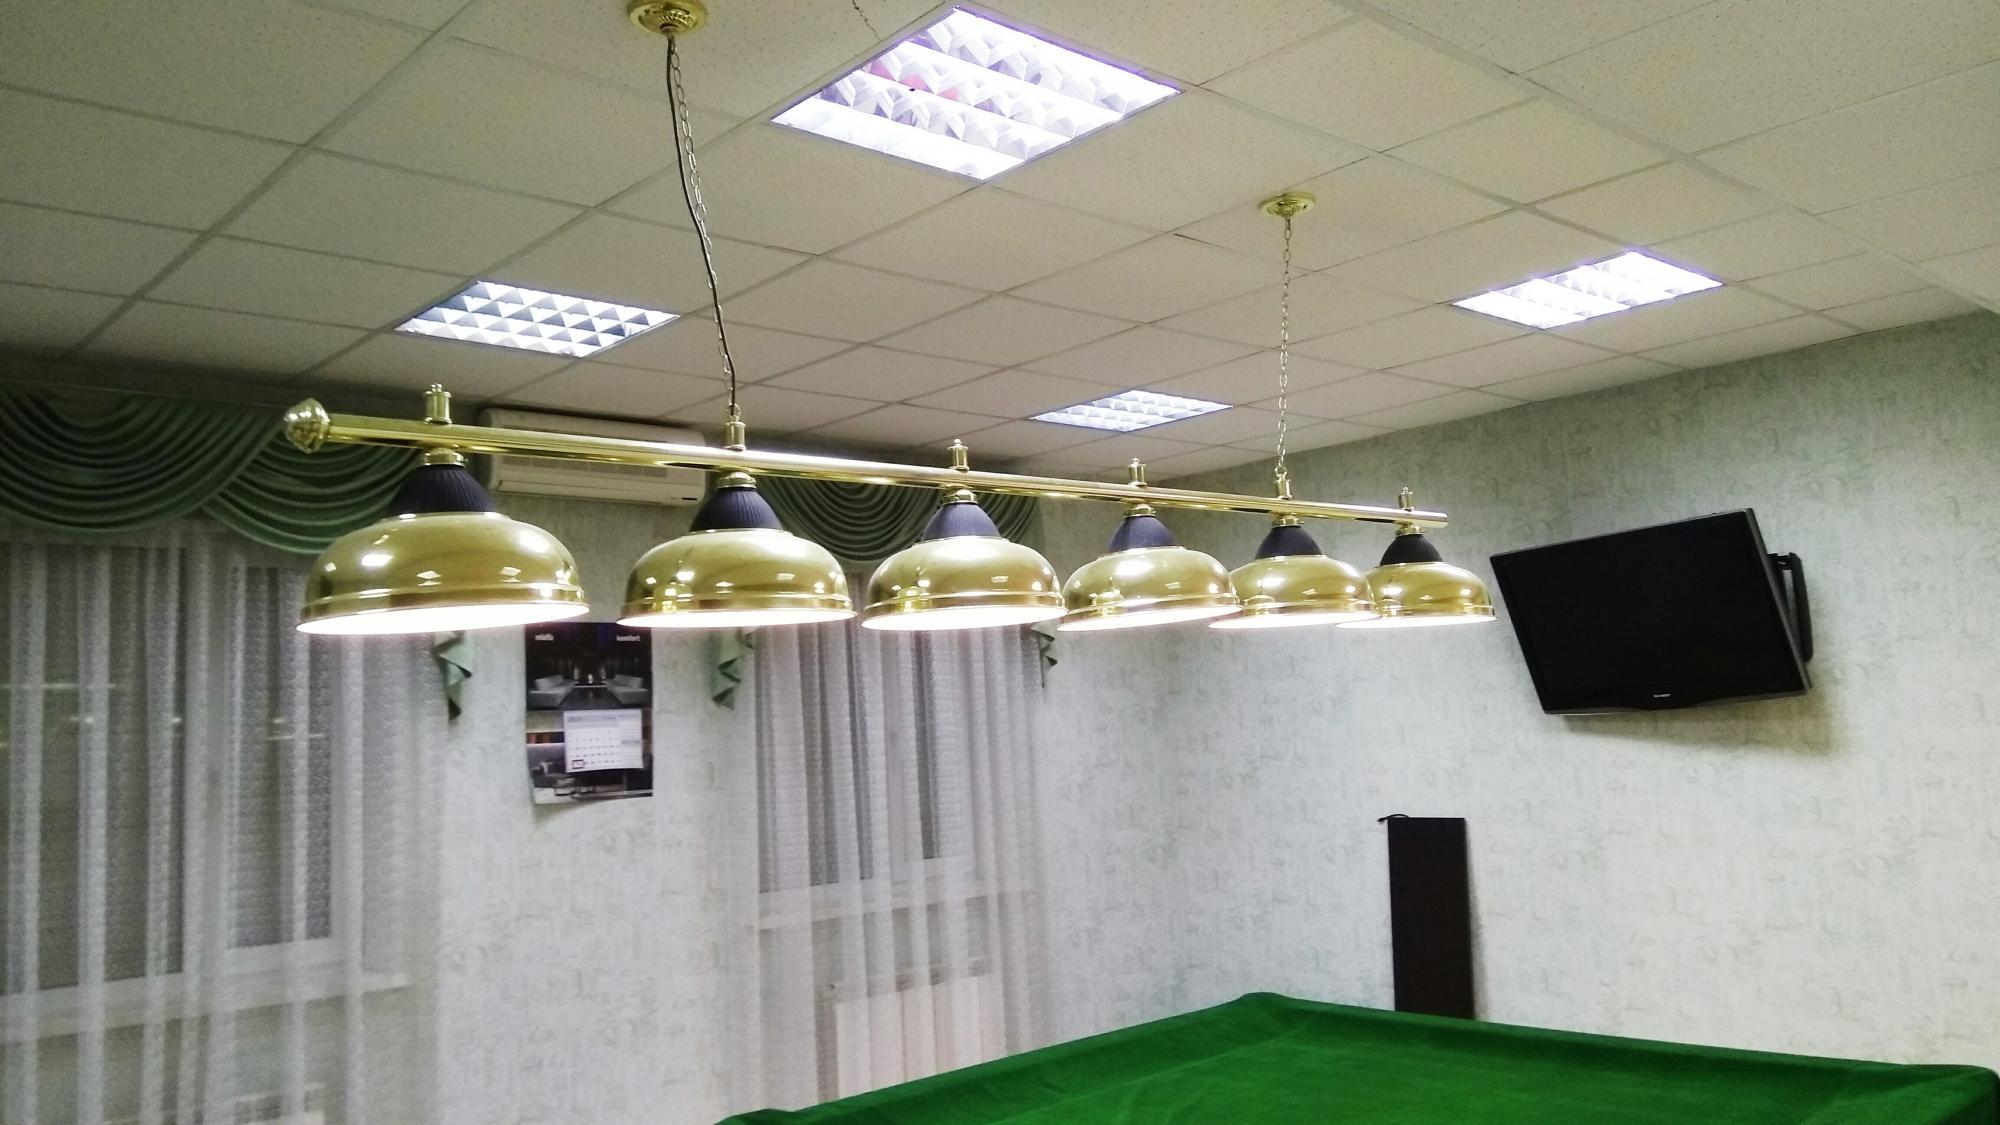 Бильярдный стол 12 футов в Москве 89895132143 купить 4